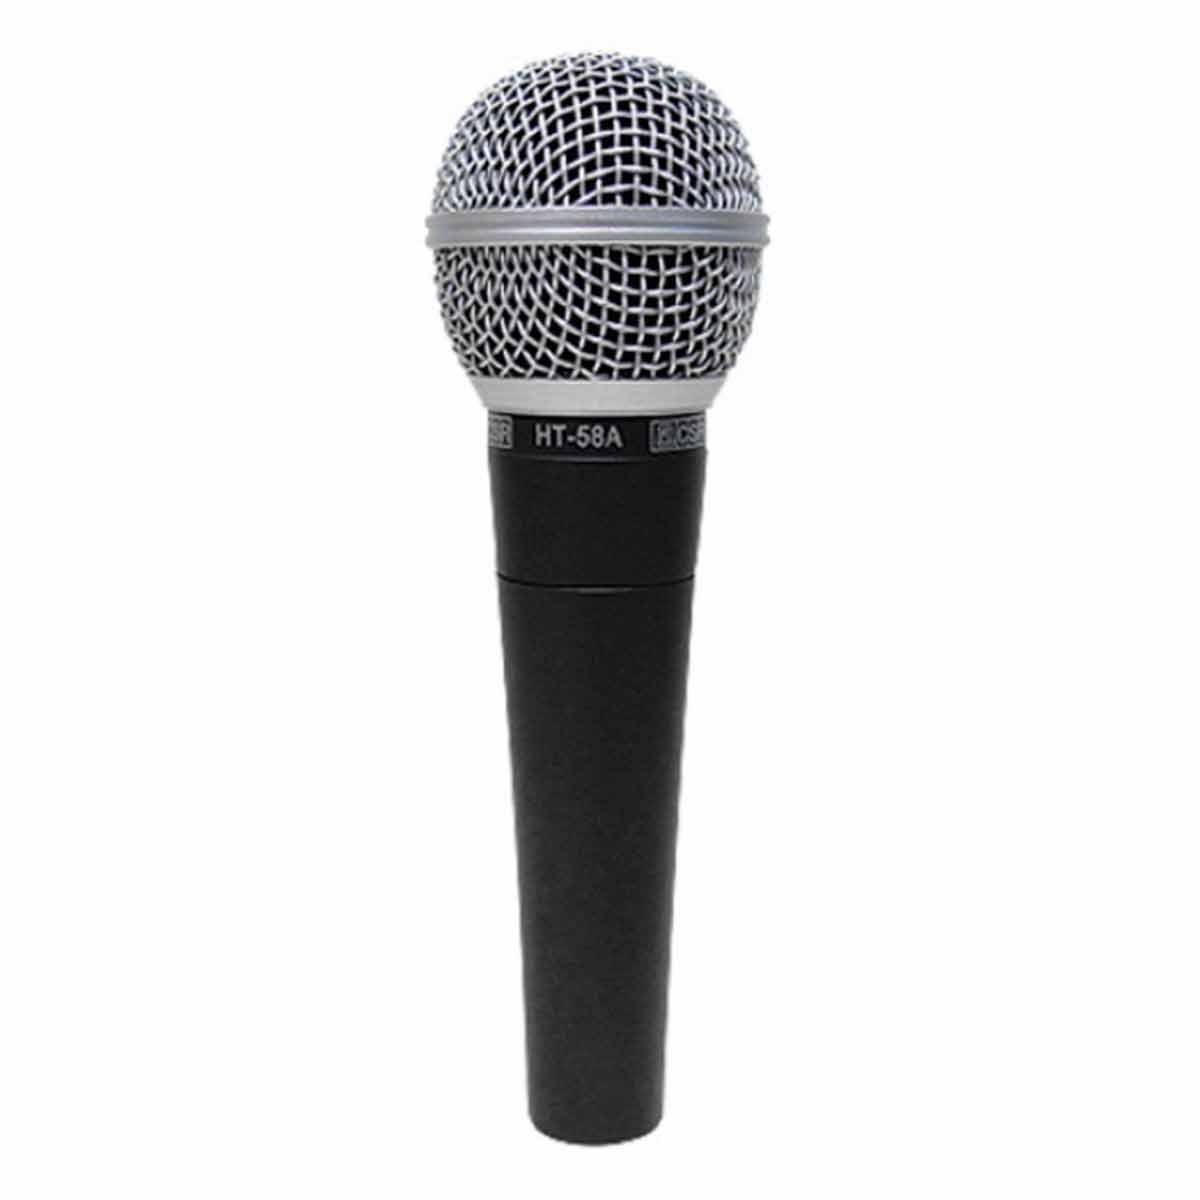 HT58A - Microfone c/ Fio de Mão HT 58 A - CSR